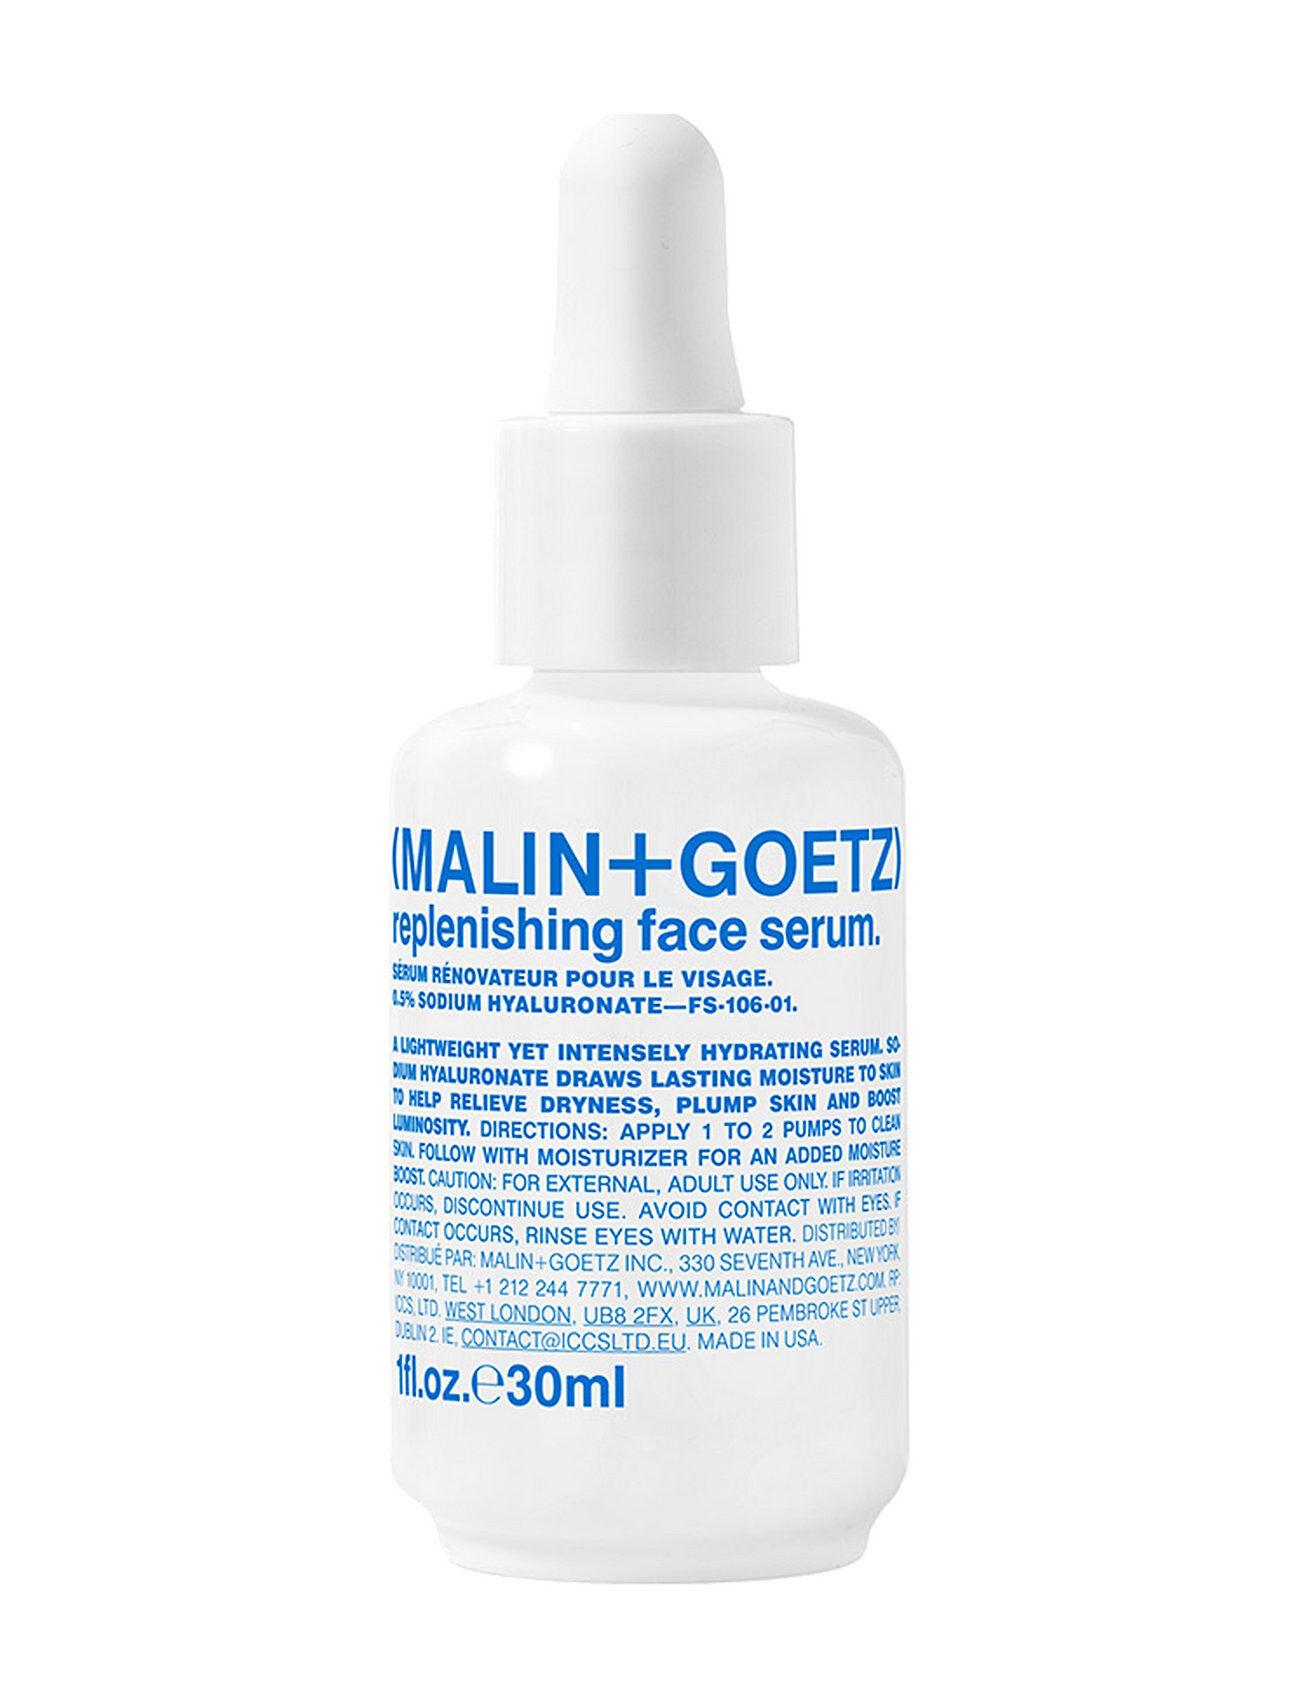 MALIN+GOETZ Replenishing Face Serum Seerumi Ihonhoito Nude MALIN+GOETZ